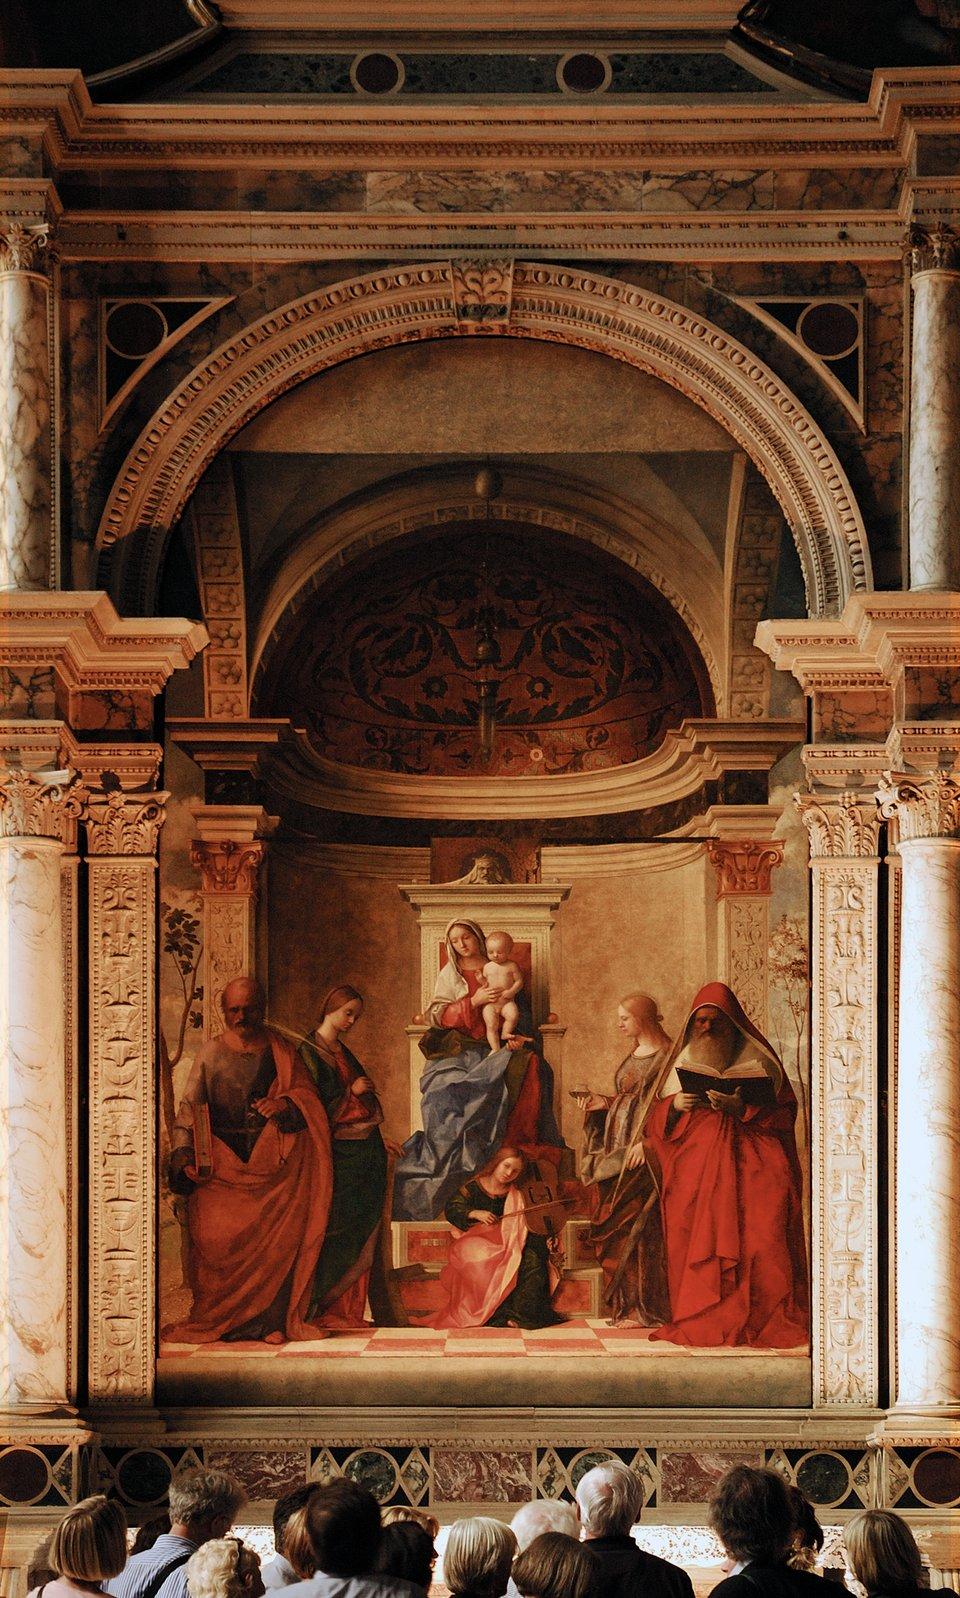 """Obrazz1505 r. weneckiego malarza B. Belliniego """"Święta rozmowa"""" (Sacra conversatione) zkościoła wWenecji. Obrazz1505 r. weneckiego malarza B. Belliniego """"Święta rozmowa"""" (Sacra conversatione) zkościoła wWenecji. Źródło: Giovanni Bellini, Roman Bonnefoy, 1505, Wikimedia Commons, licencja: CC BY-SA 3.0."""